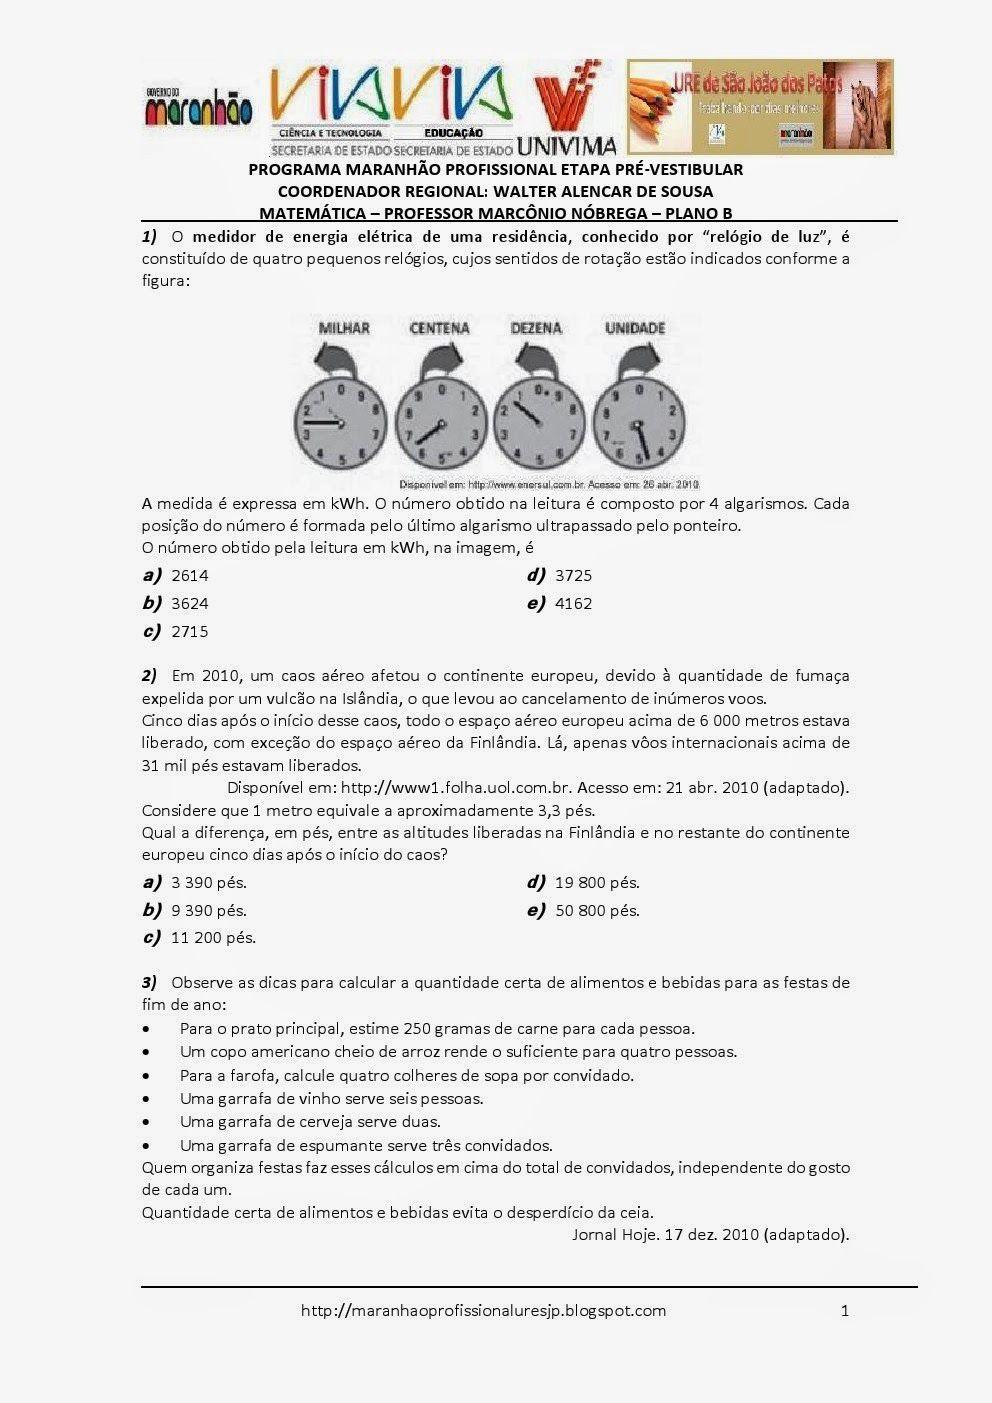 Programa Maranhão Profissional 2014: ETAPA PRÉ-VESTIBULAR - PLANO B - MATEMÁTICA